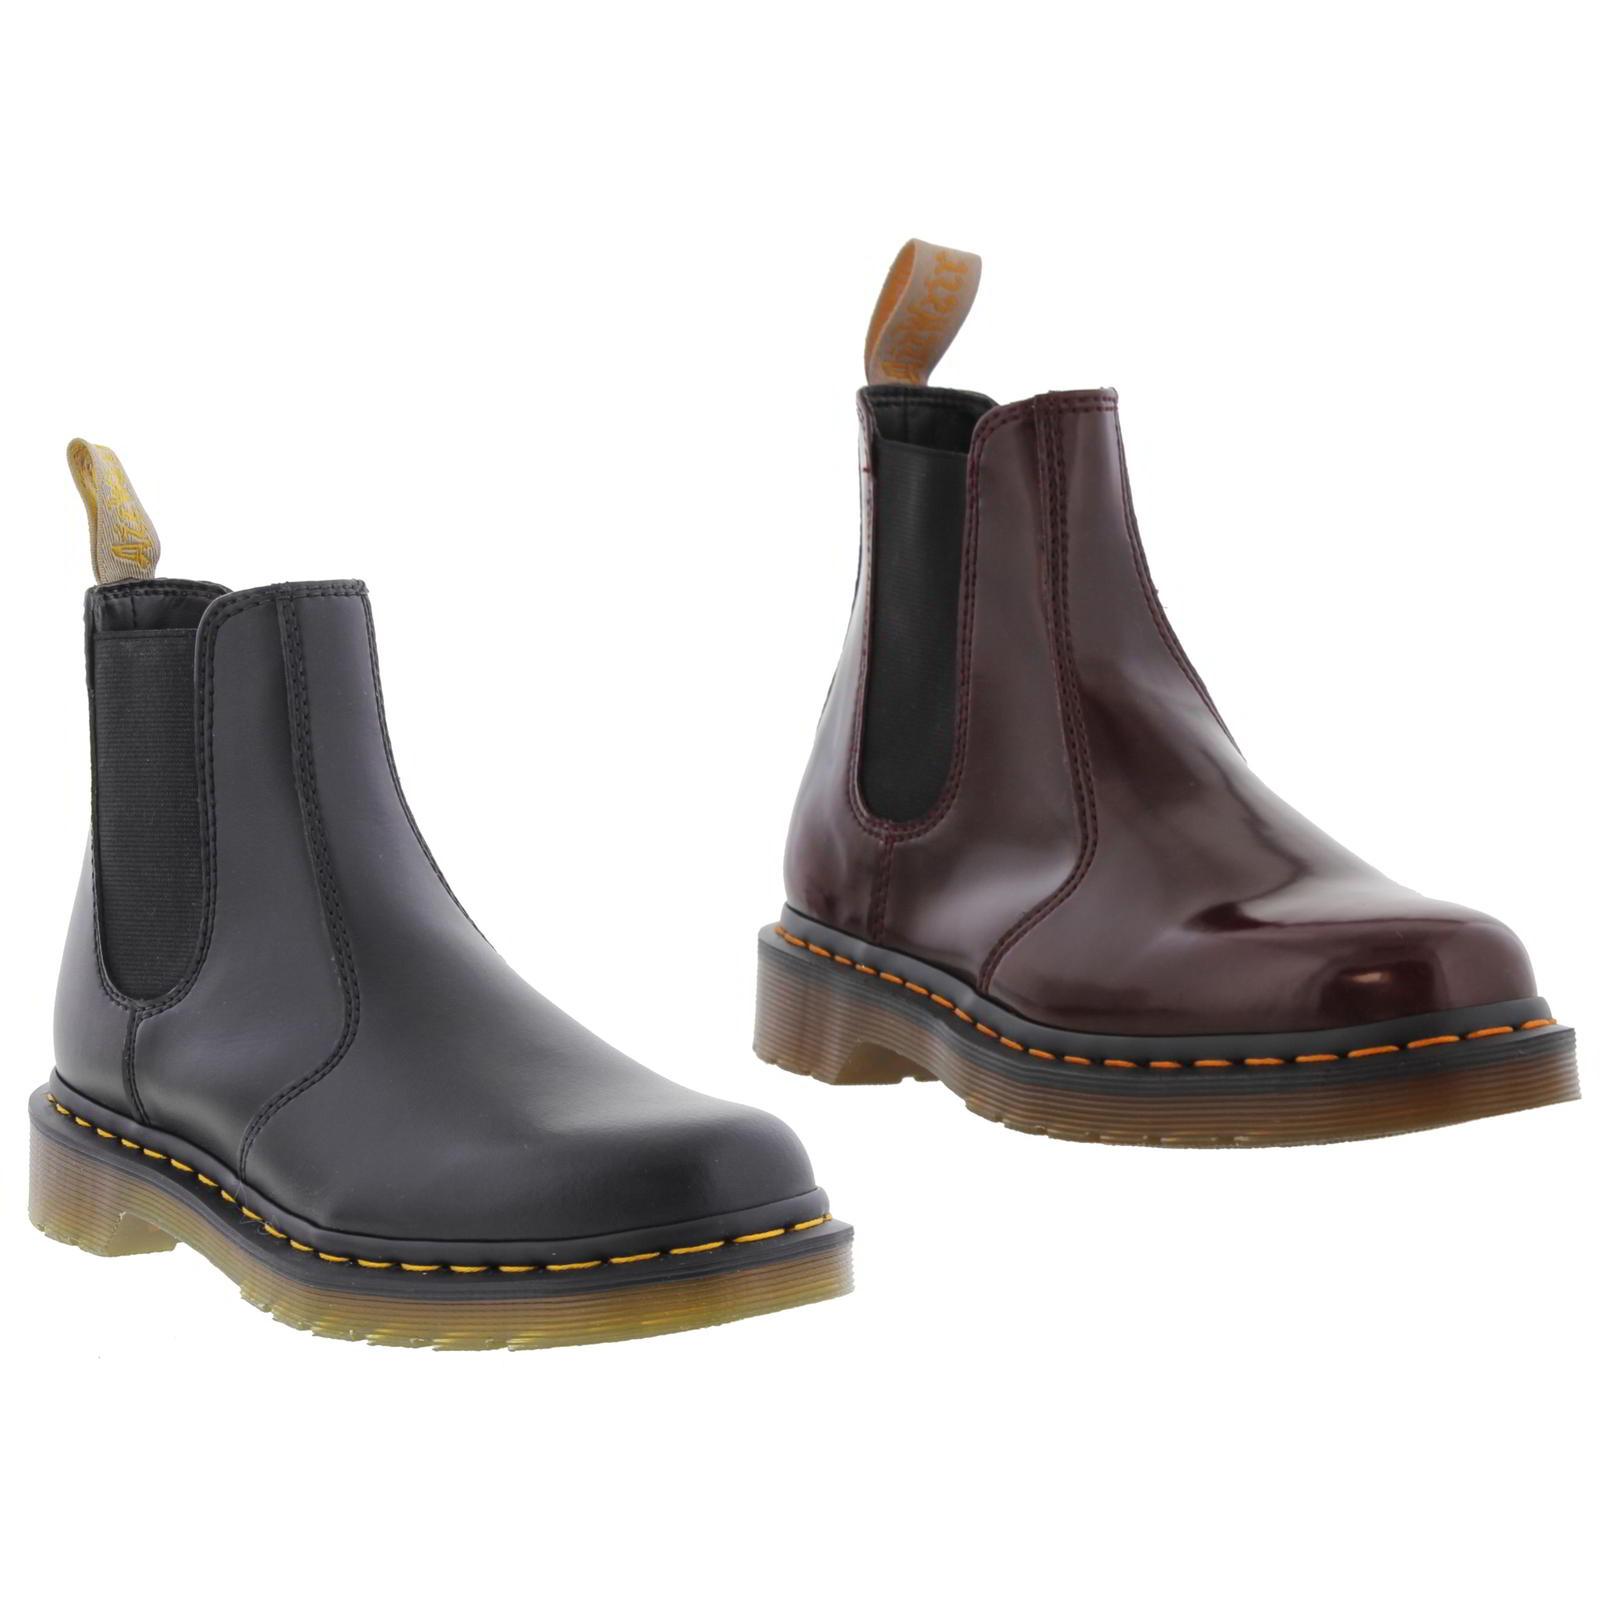 9d735cefe6da Details about Dr Martens 2976 Vegan Mens Black Cambridge Ankle Chelsea Boots  Size UK 13